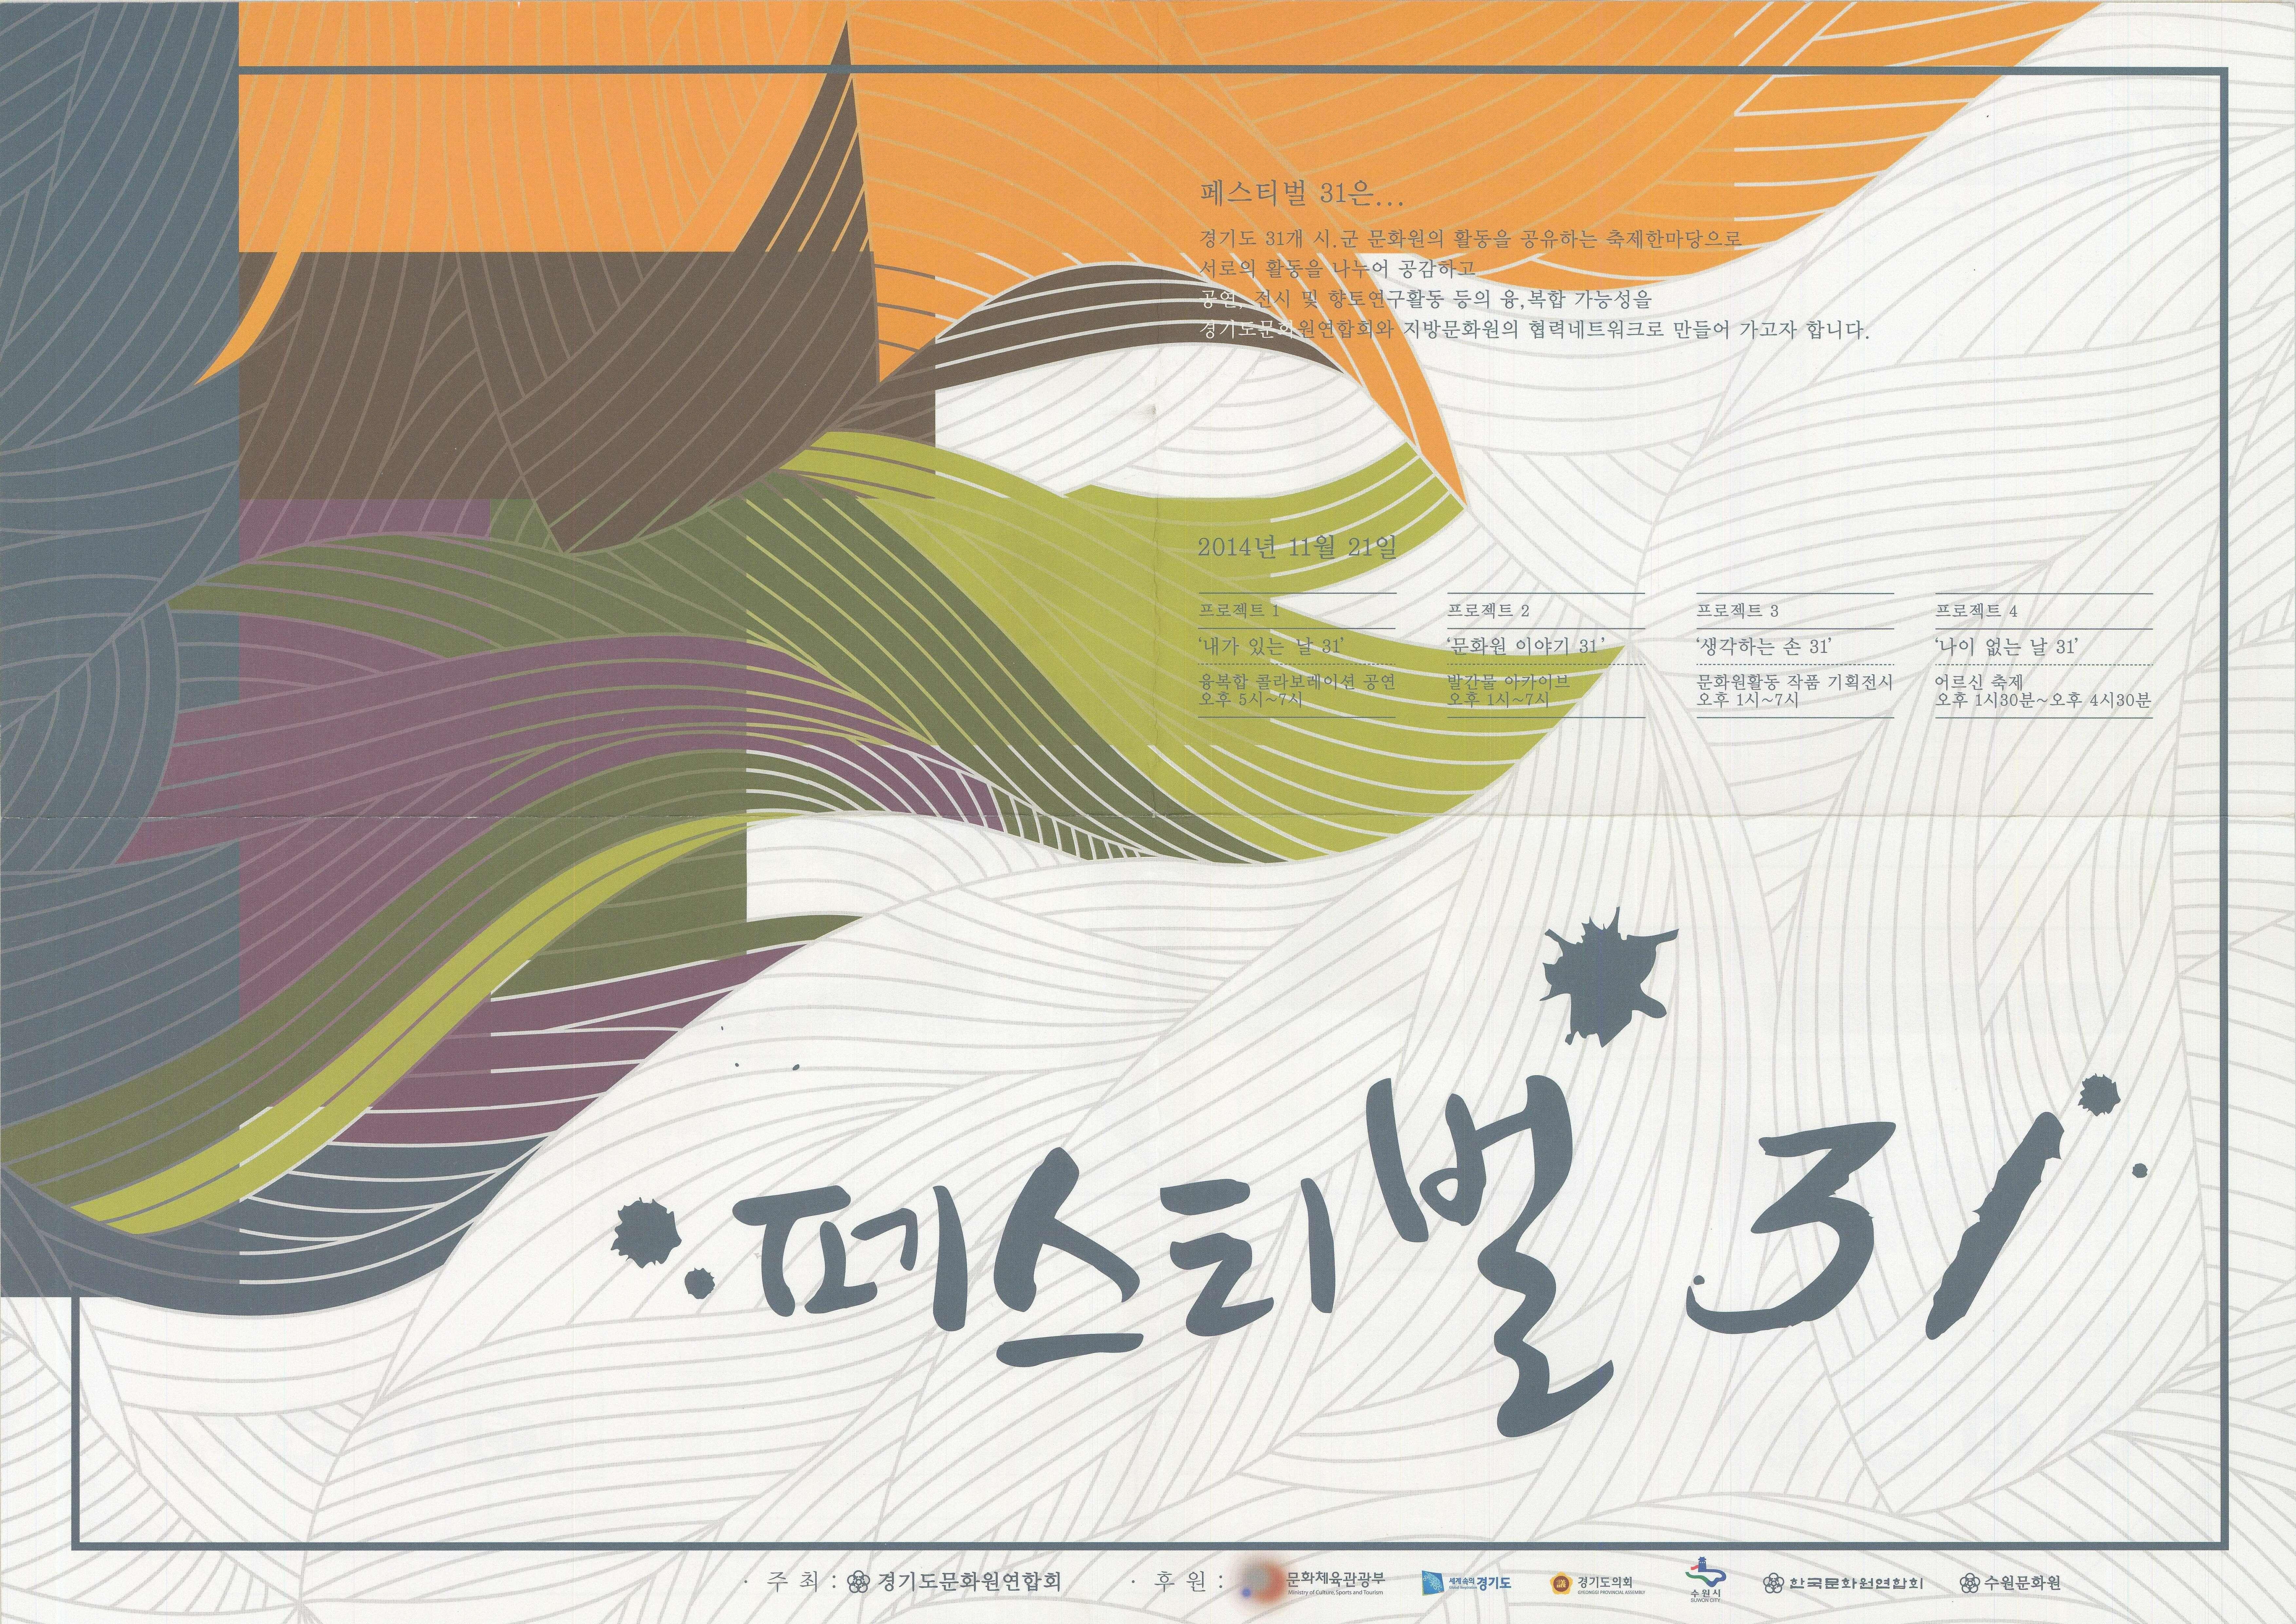 생활예술의 아름다움을 나누는 경기도의 31개 지방문화원 축제 2015 페스티벌 31